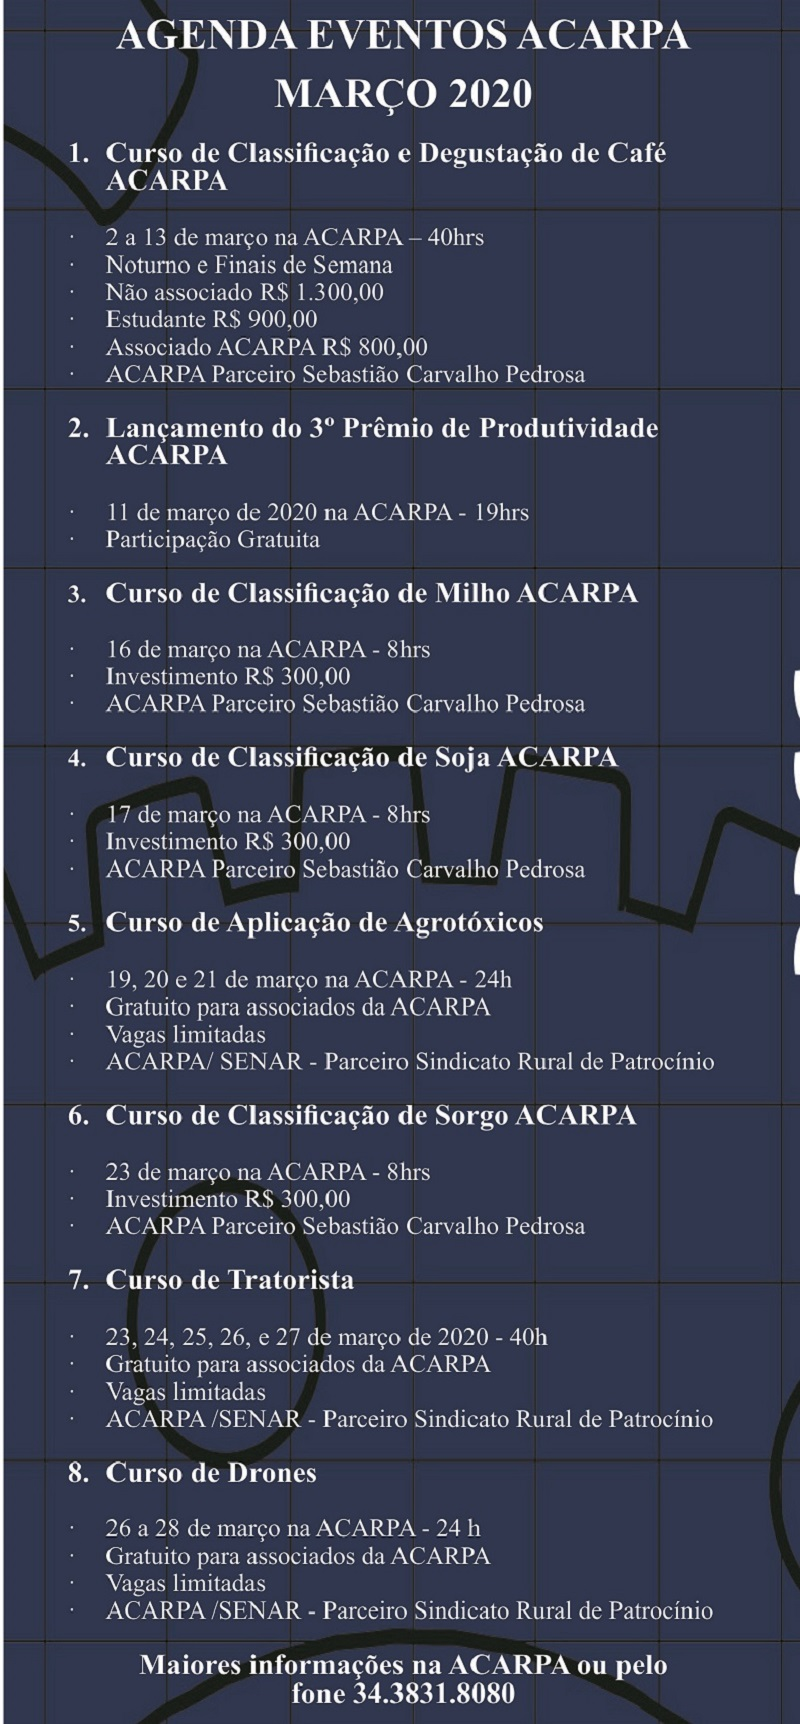 20-02-2020 - Agenda de cursos ACARPA